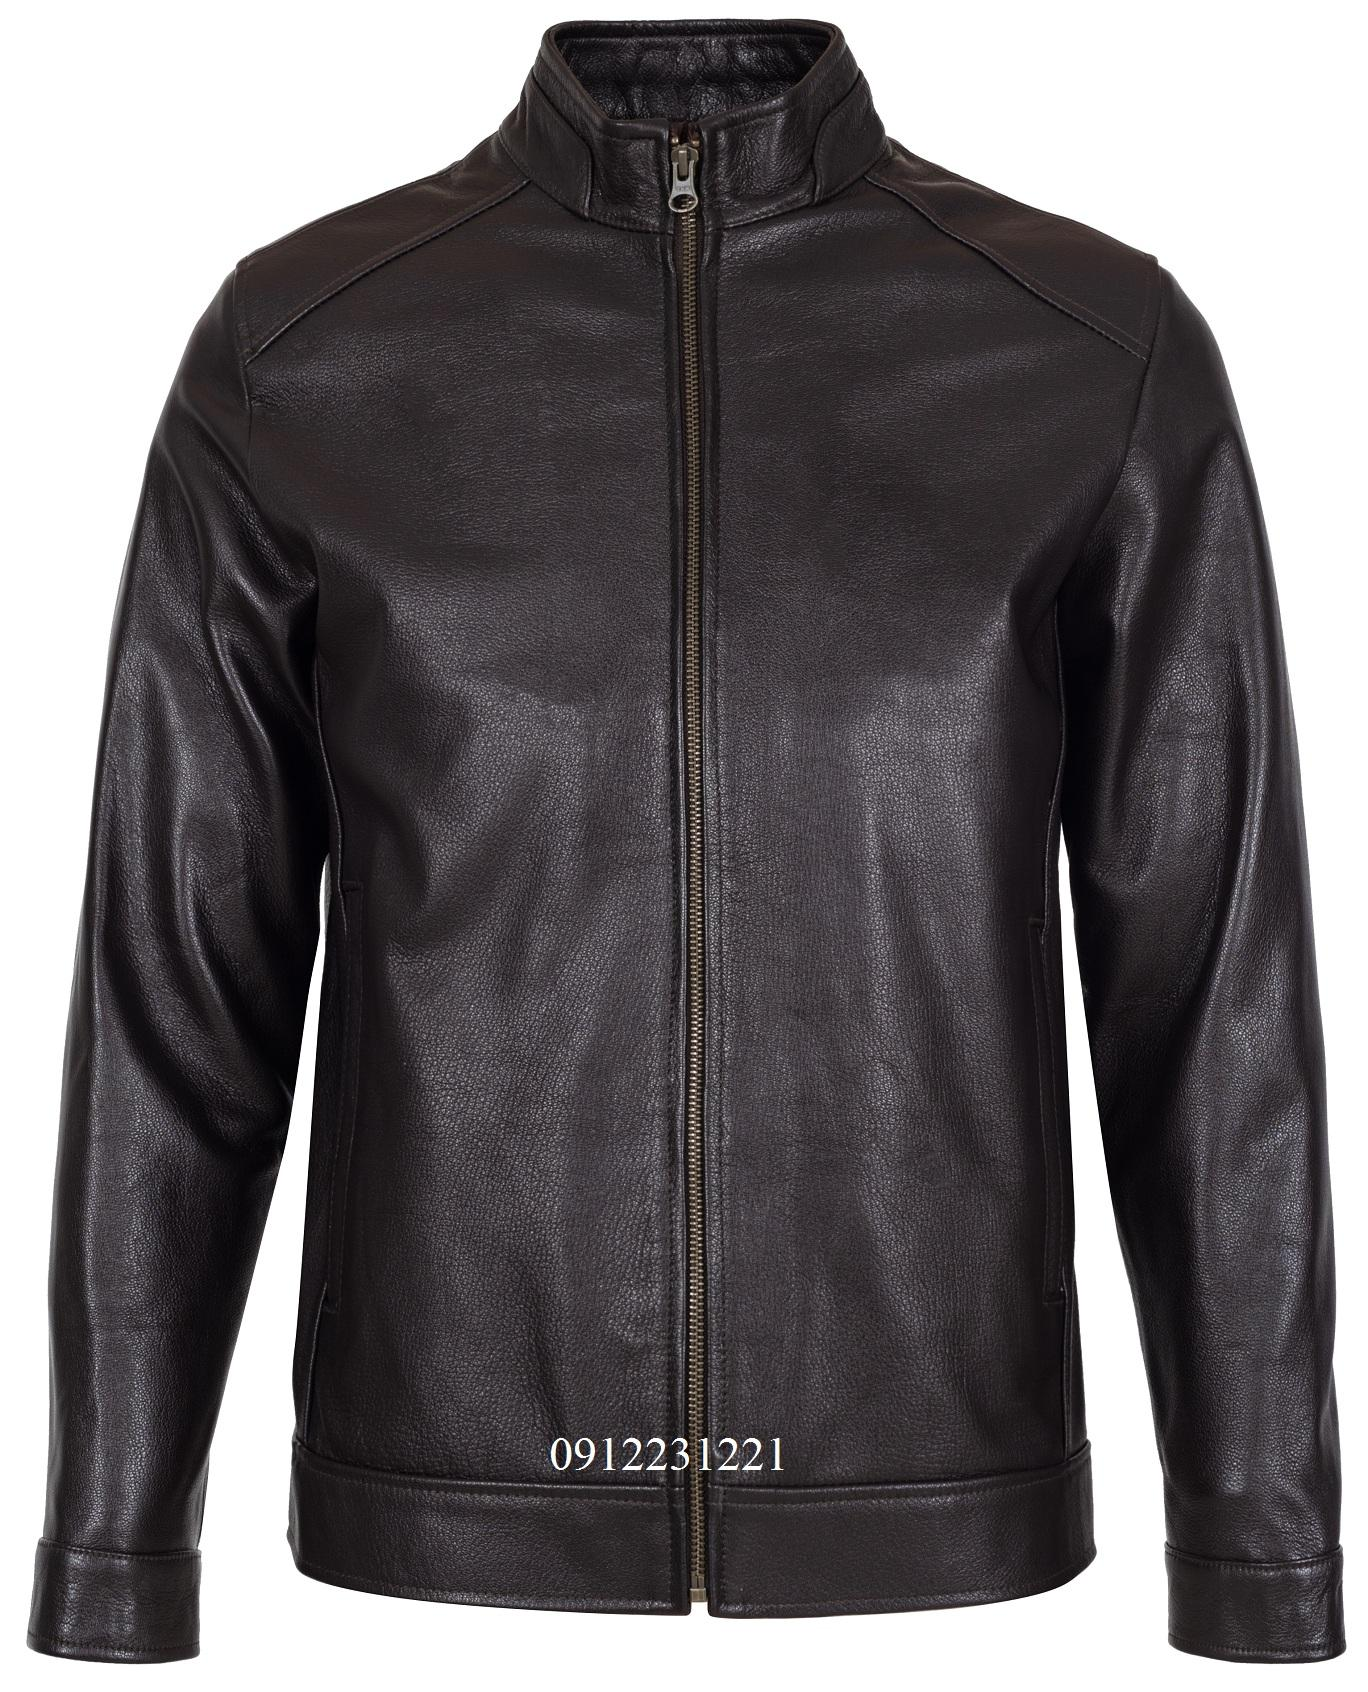 áo da dê racer jacket